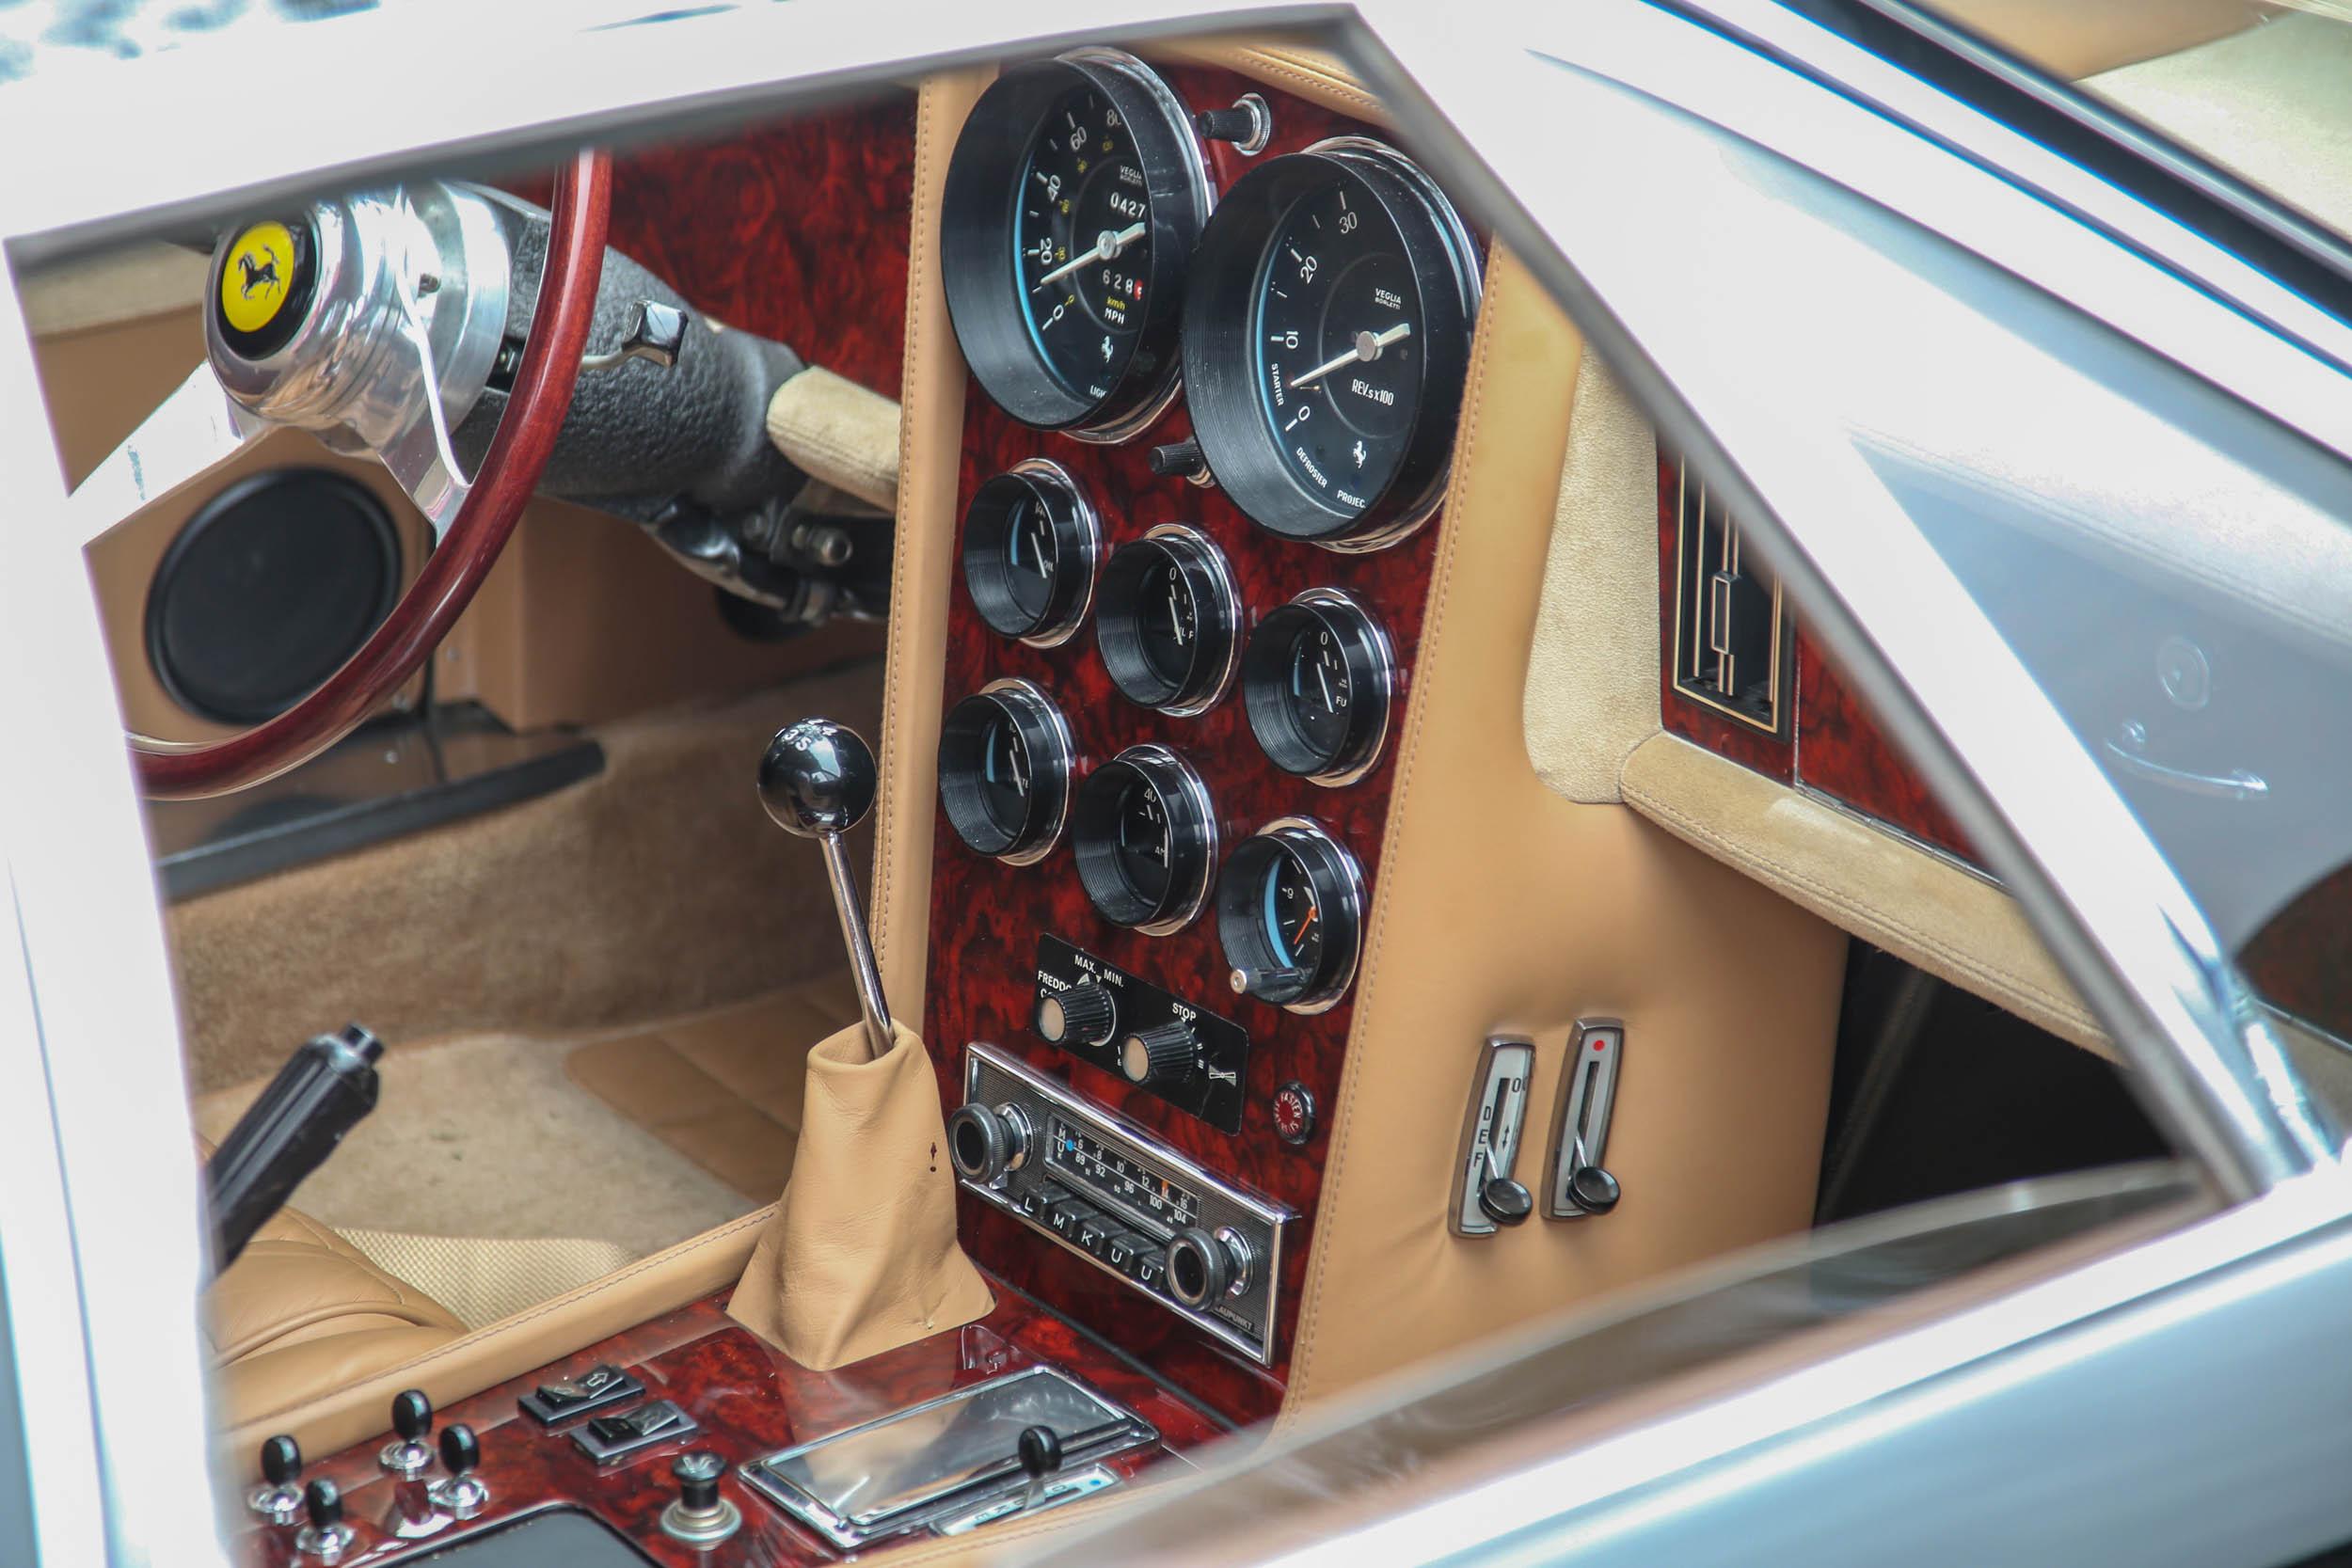 Ferrari race car gauge cluster